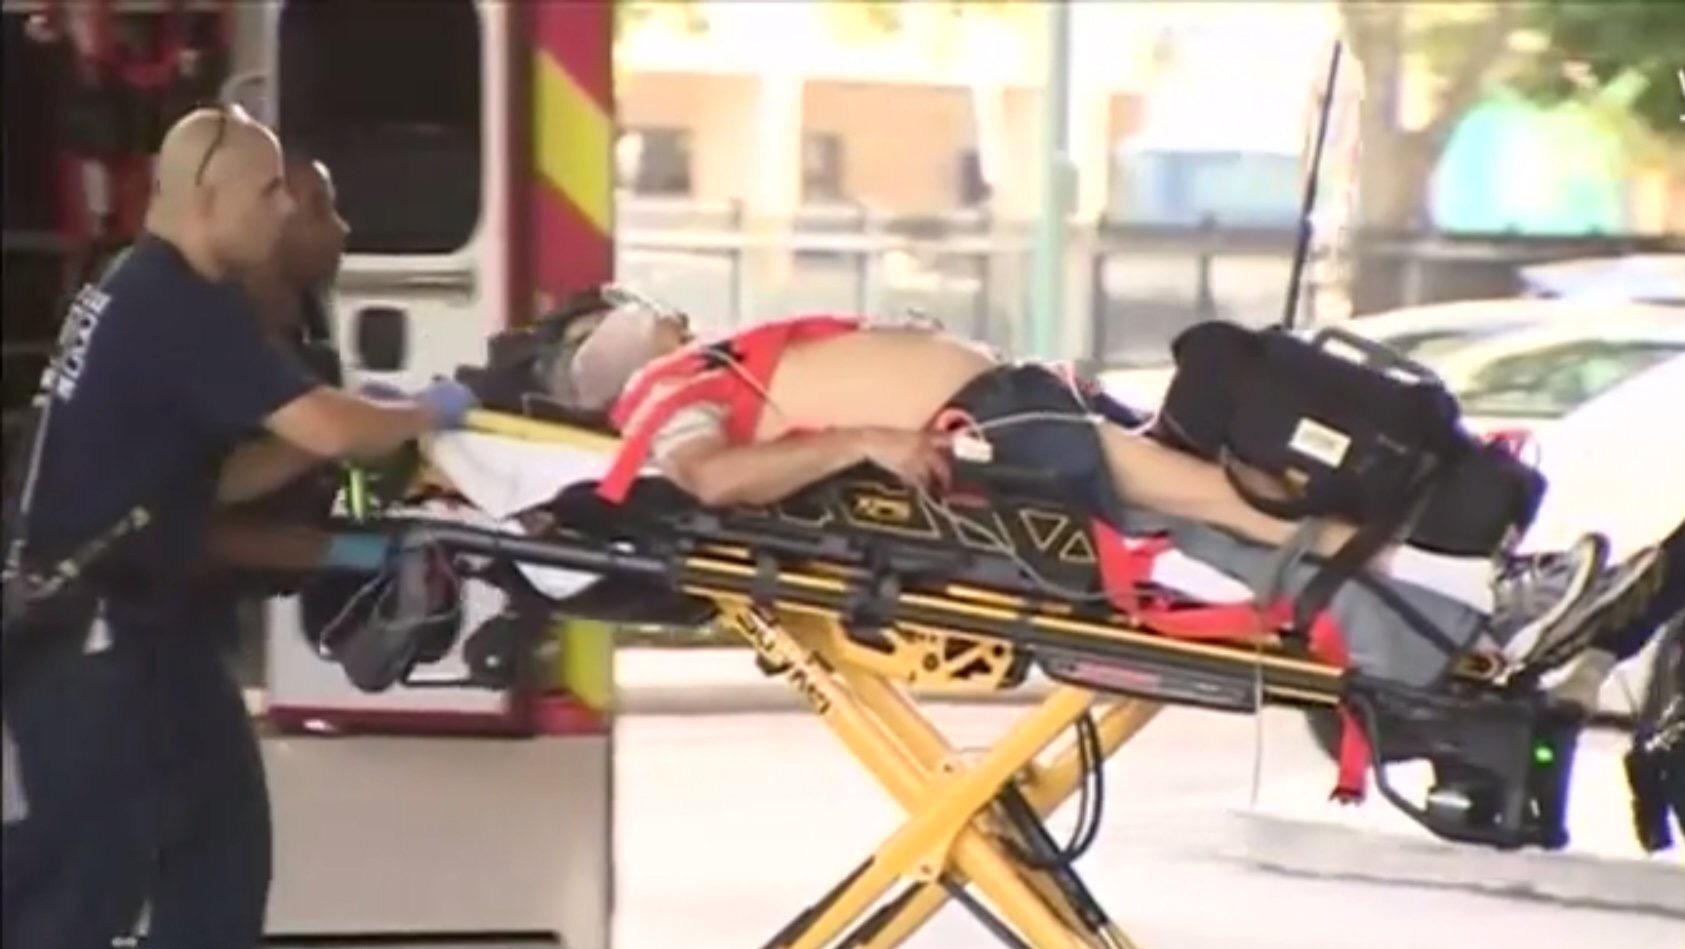 قتلى وجرحى بإطلاق نار كثيف في مطار فورت لودرديل بولاية فلوريدا